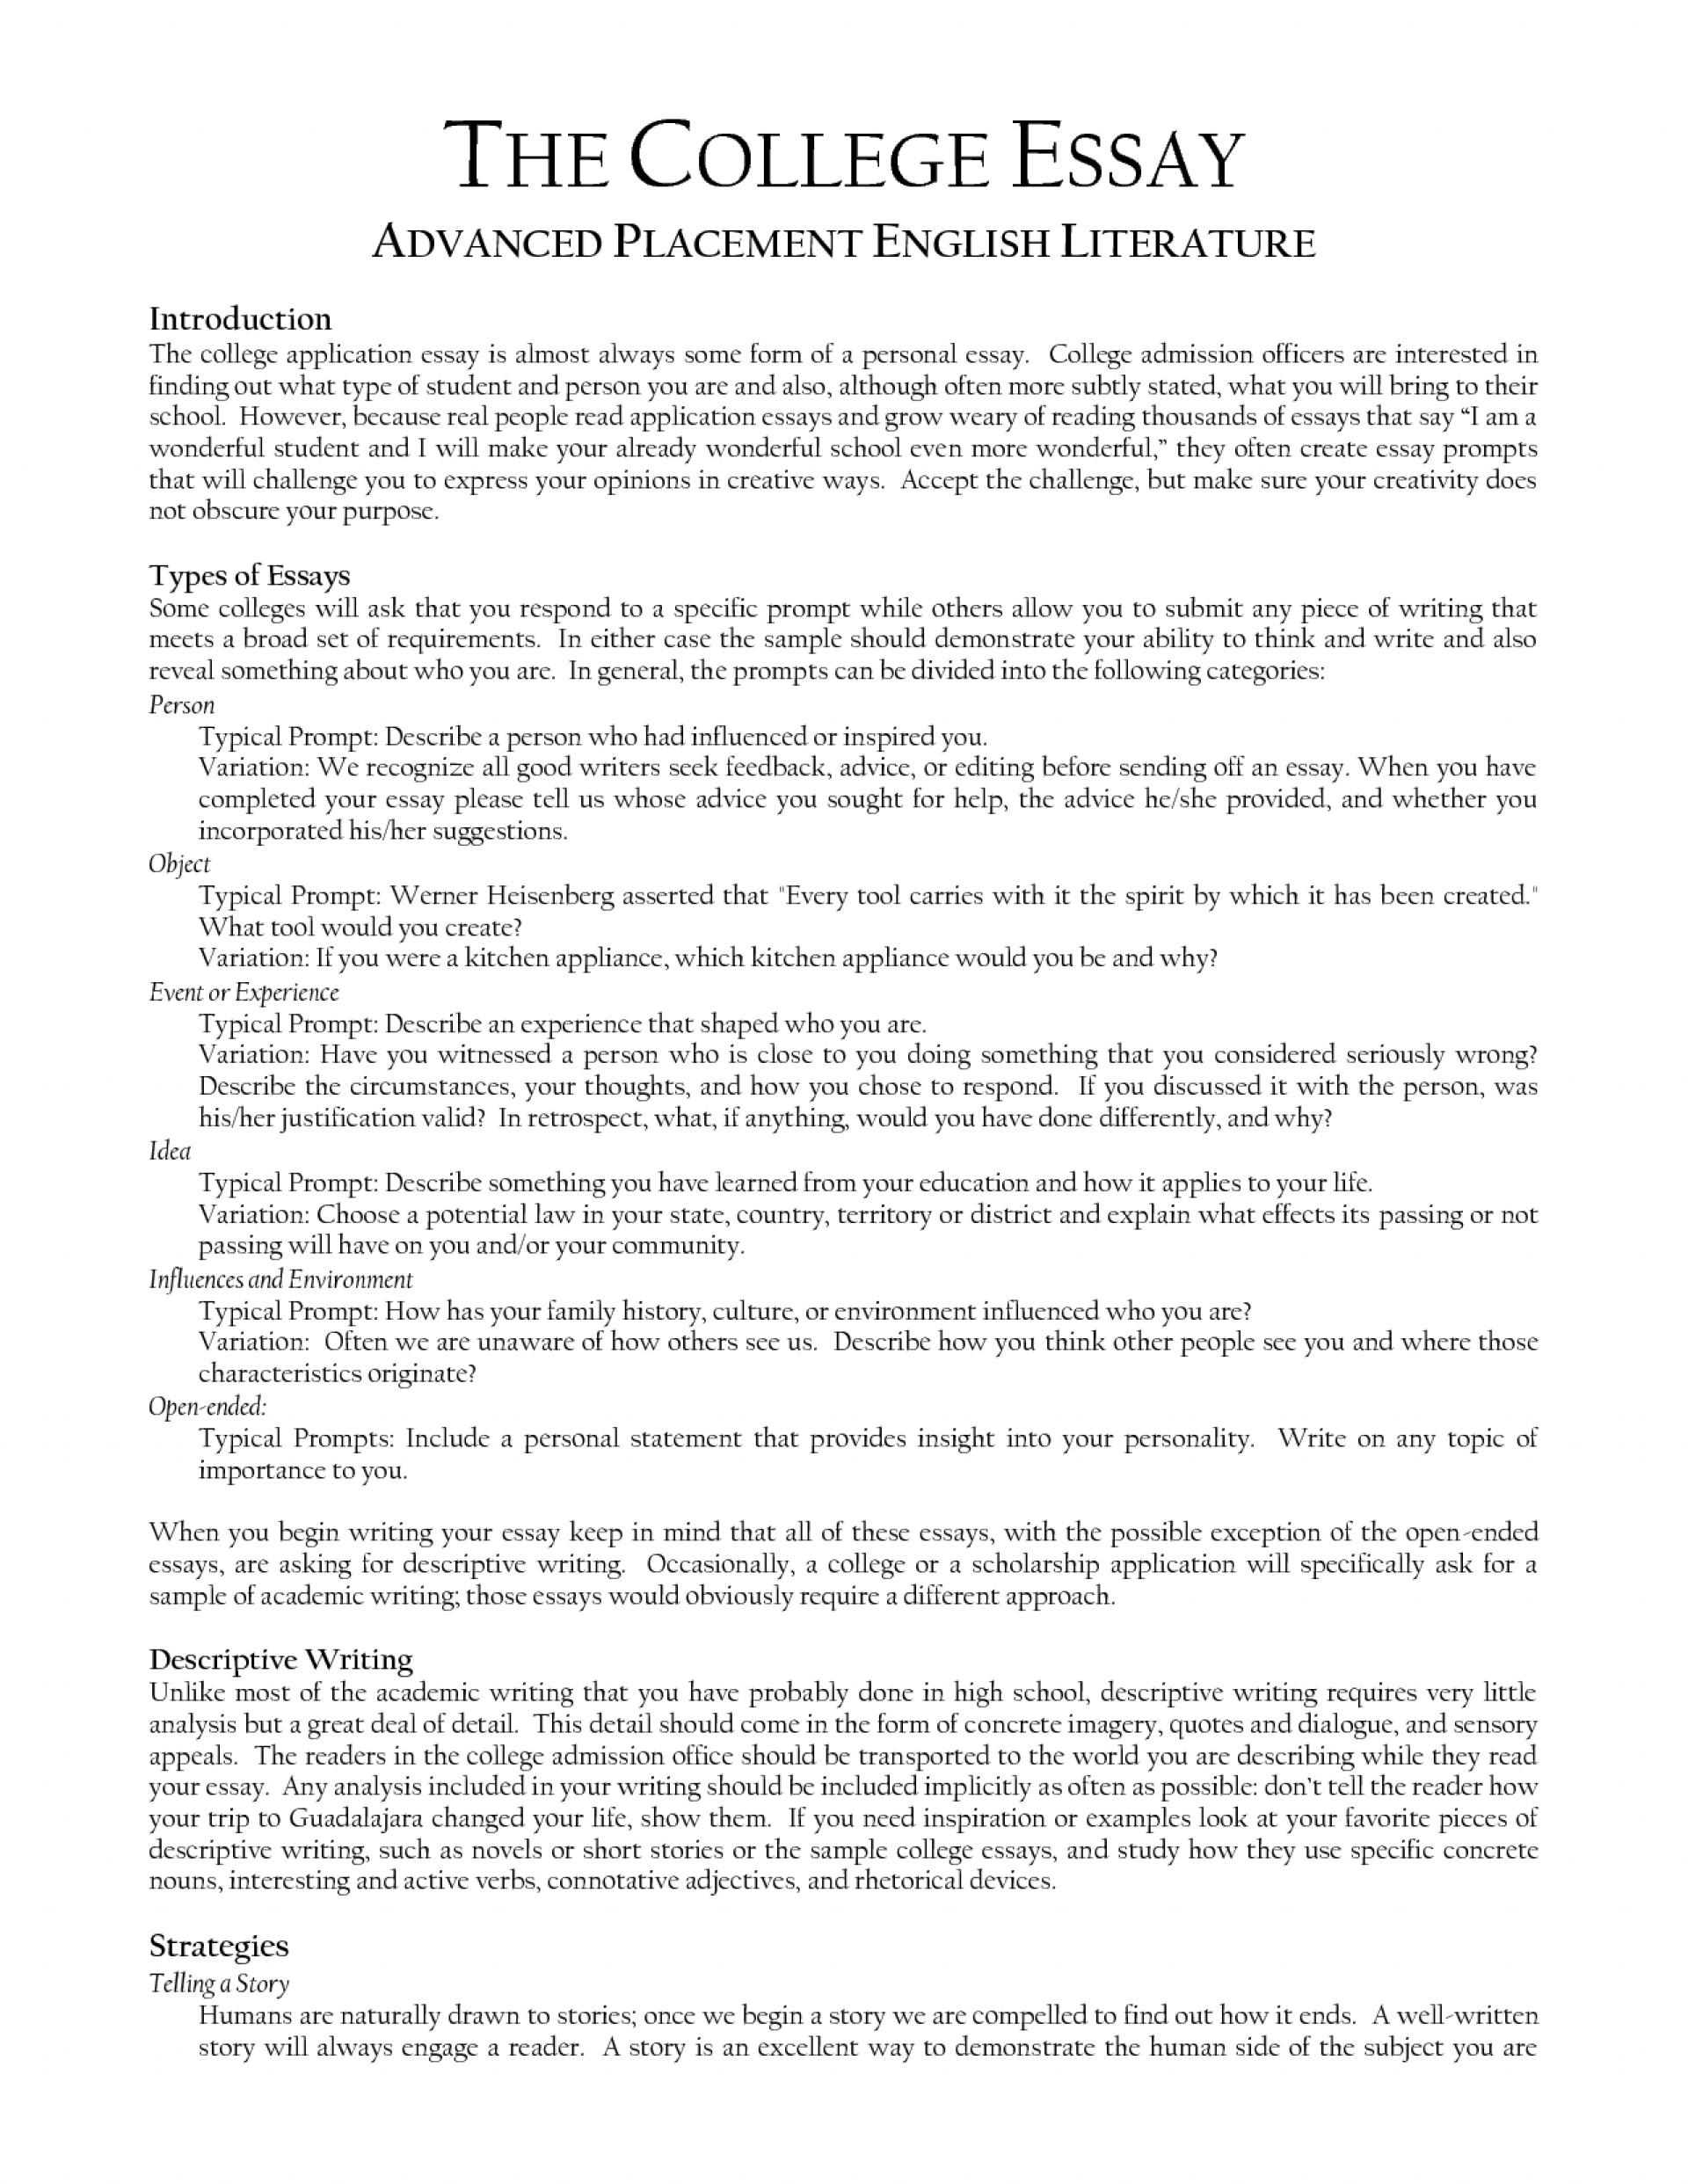 uga essay prompts 2019-2020